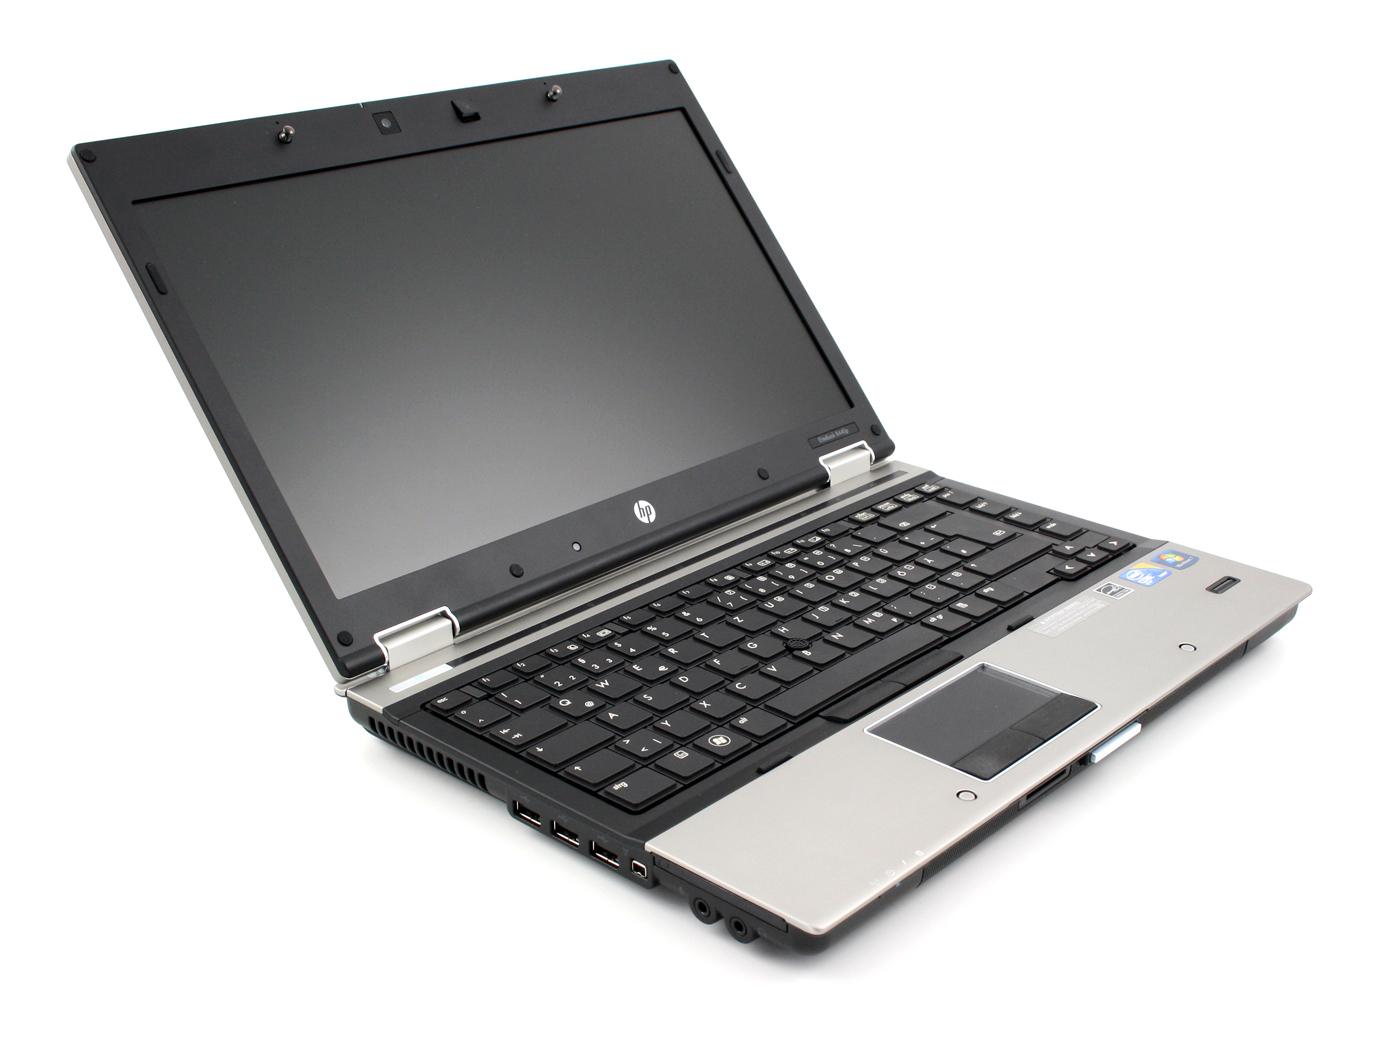 HP EliteBook 8440p 64 Bit